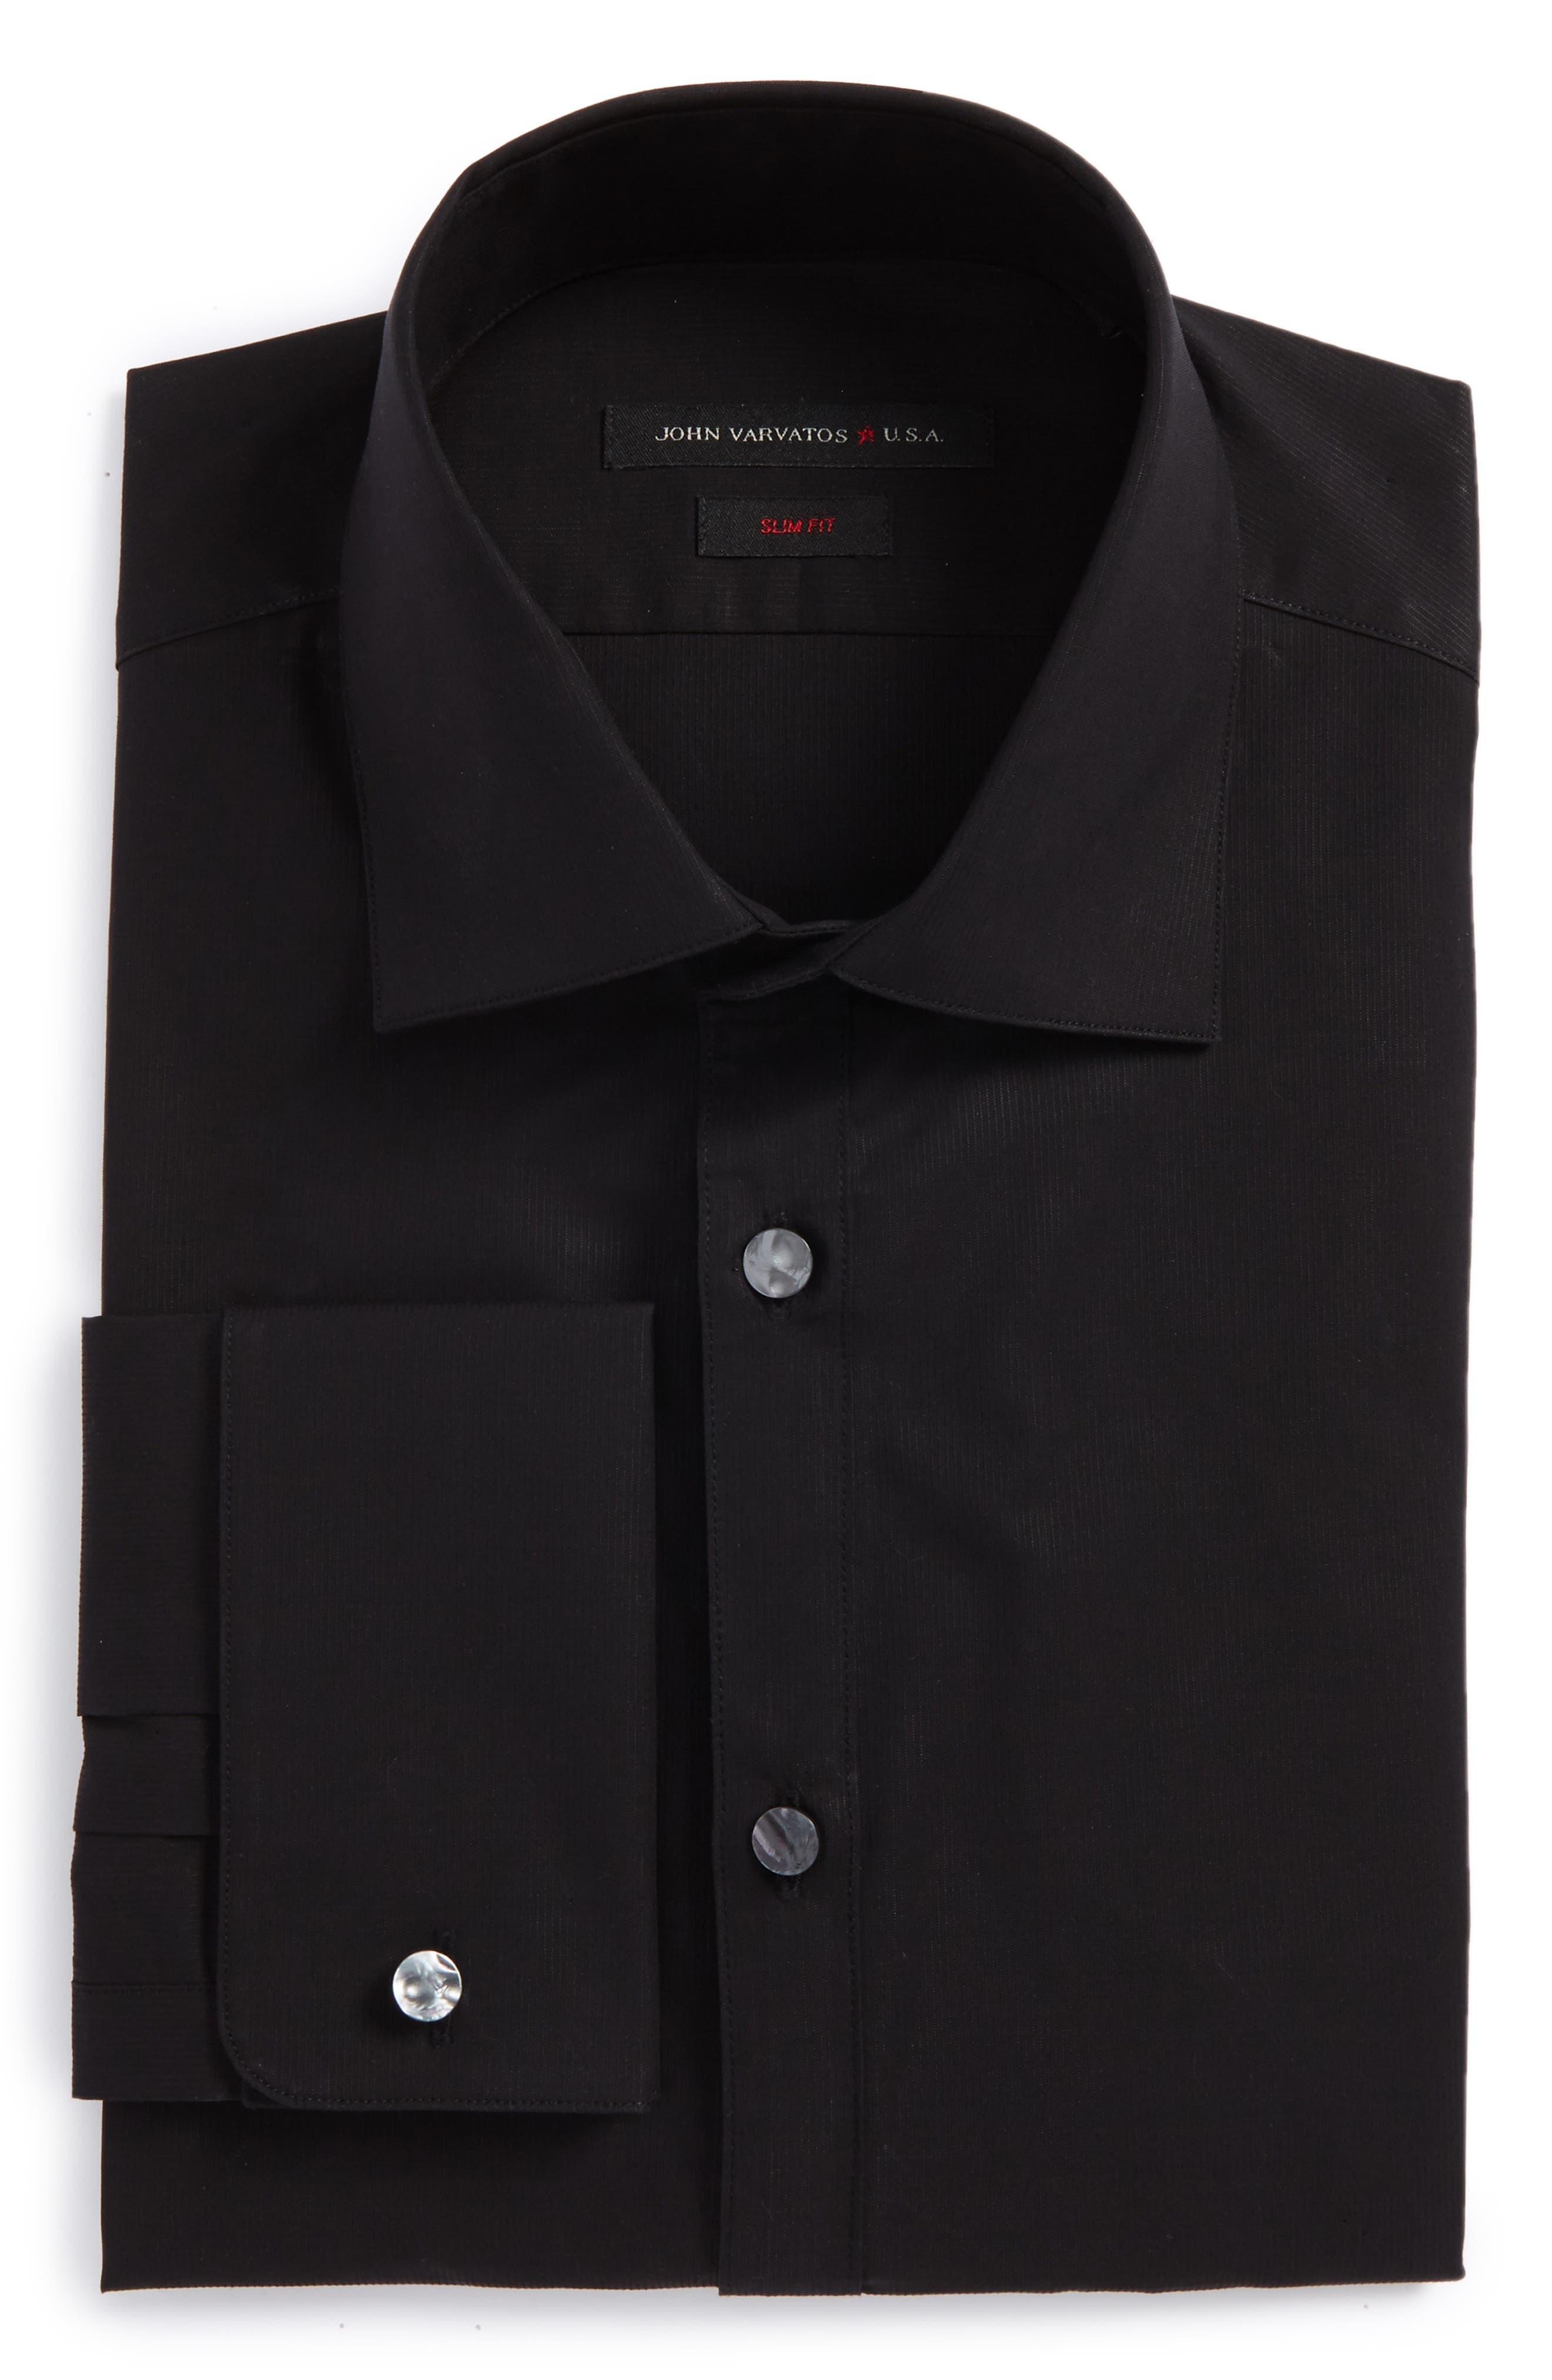 Black Dress Shirt ae2HTERI